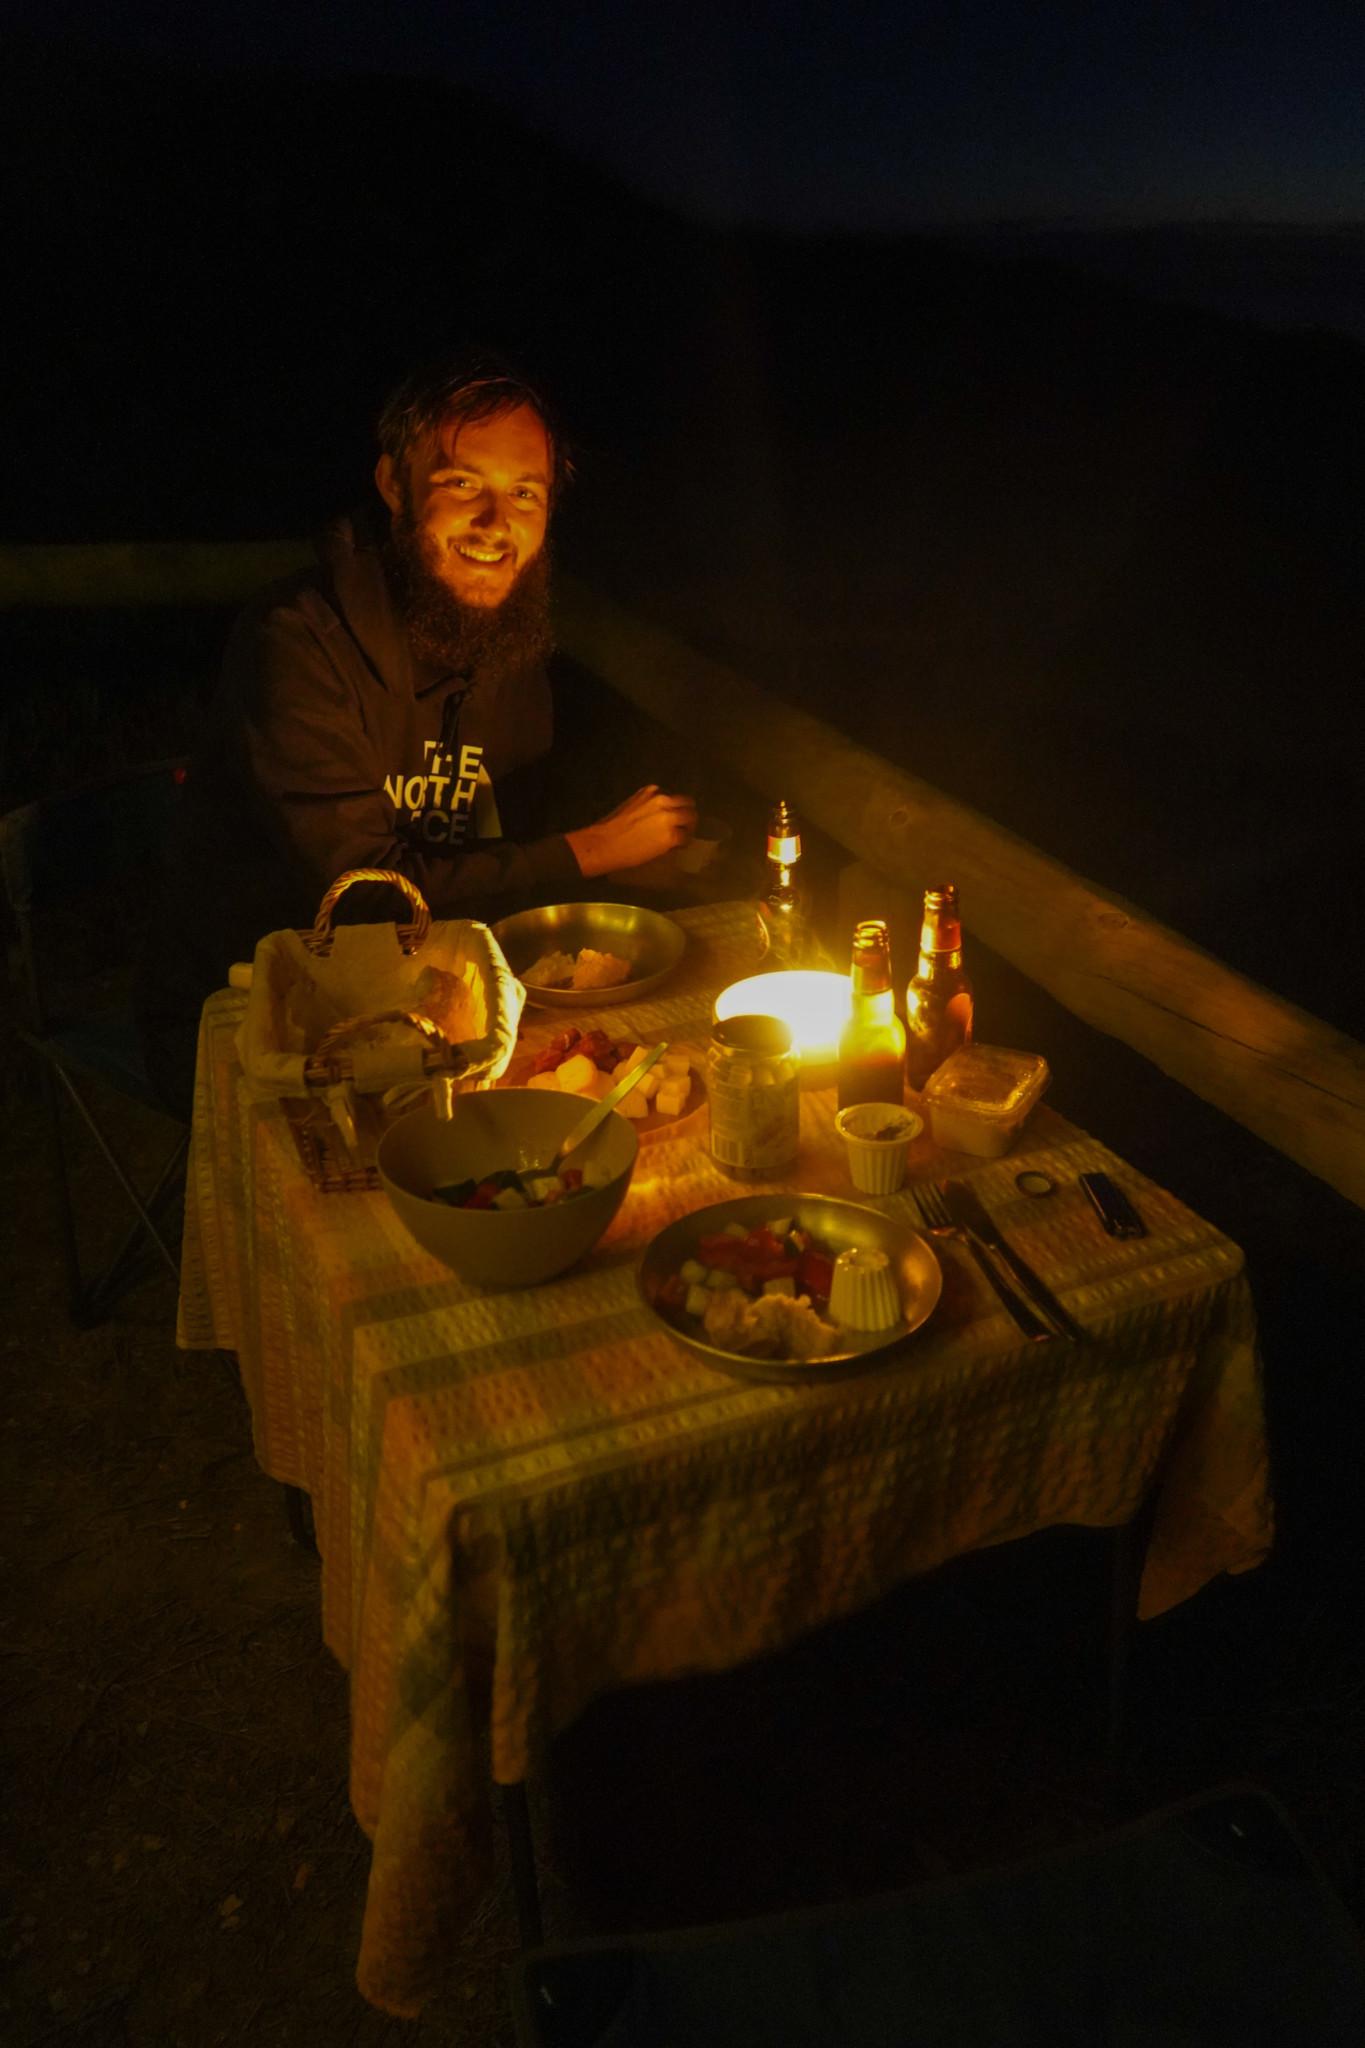 Das beste am Campen? Das Kochen.